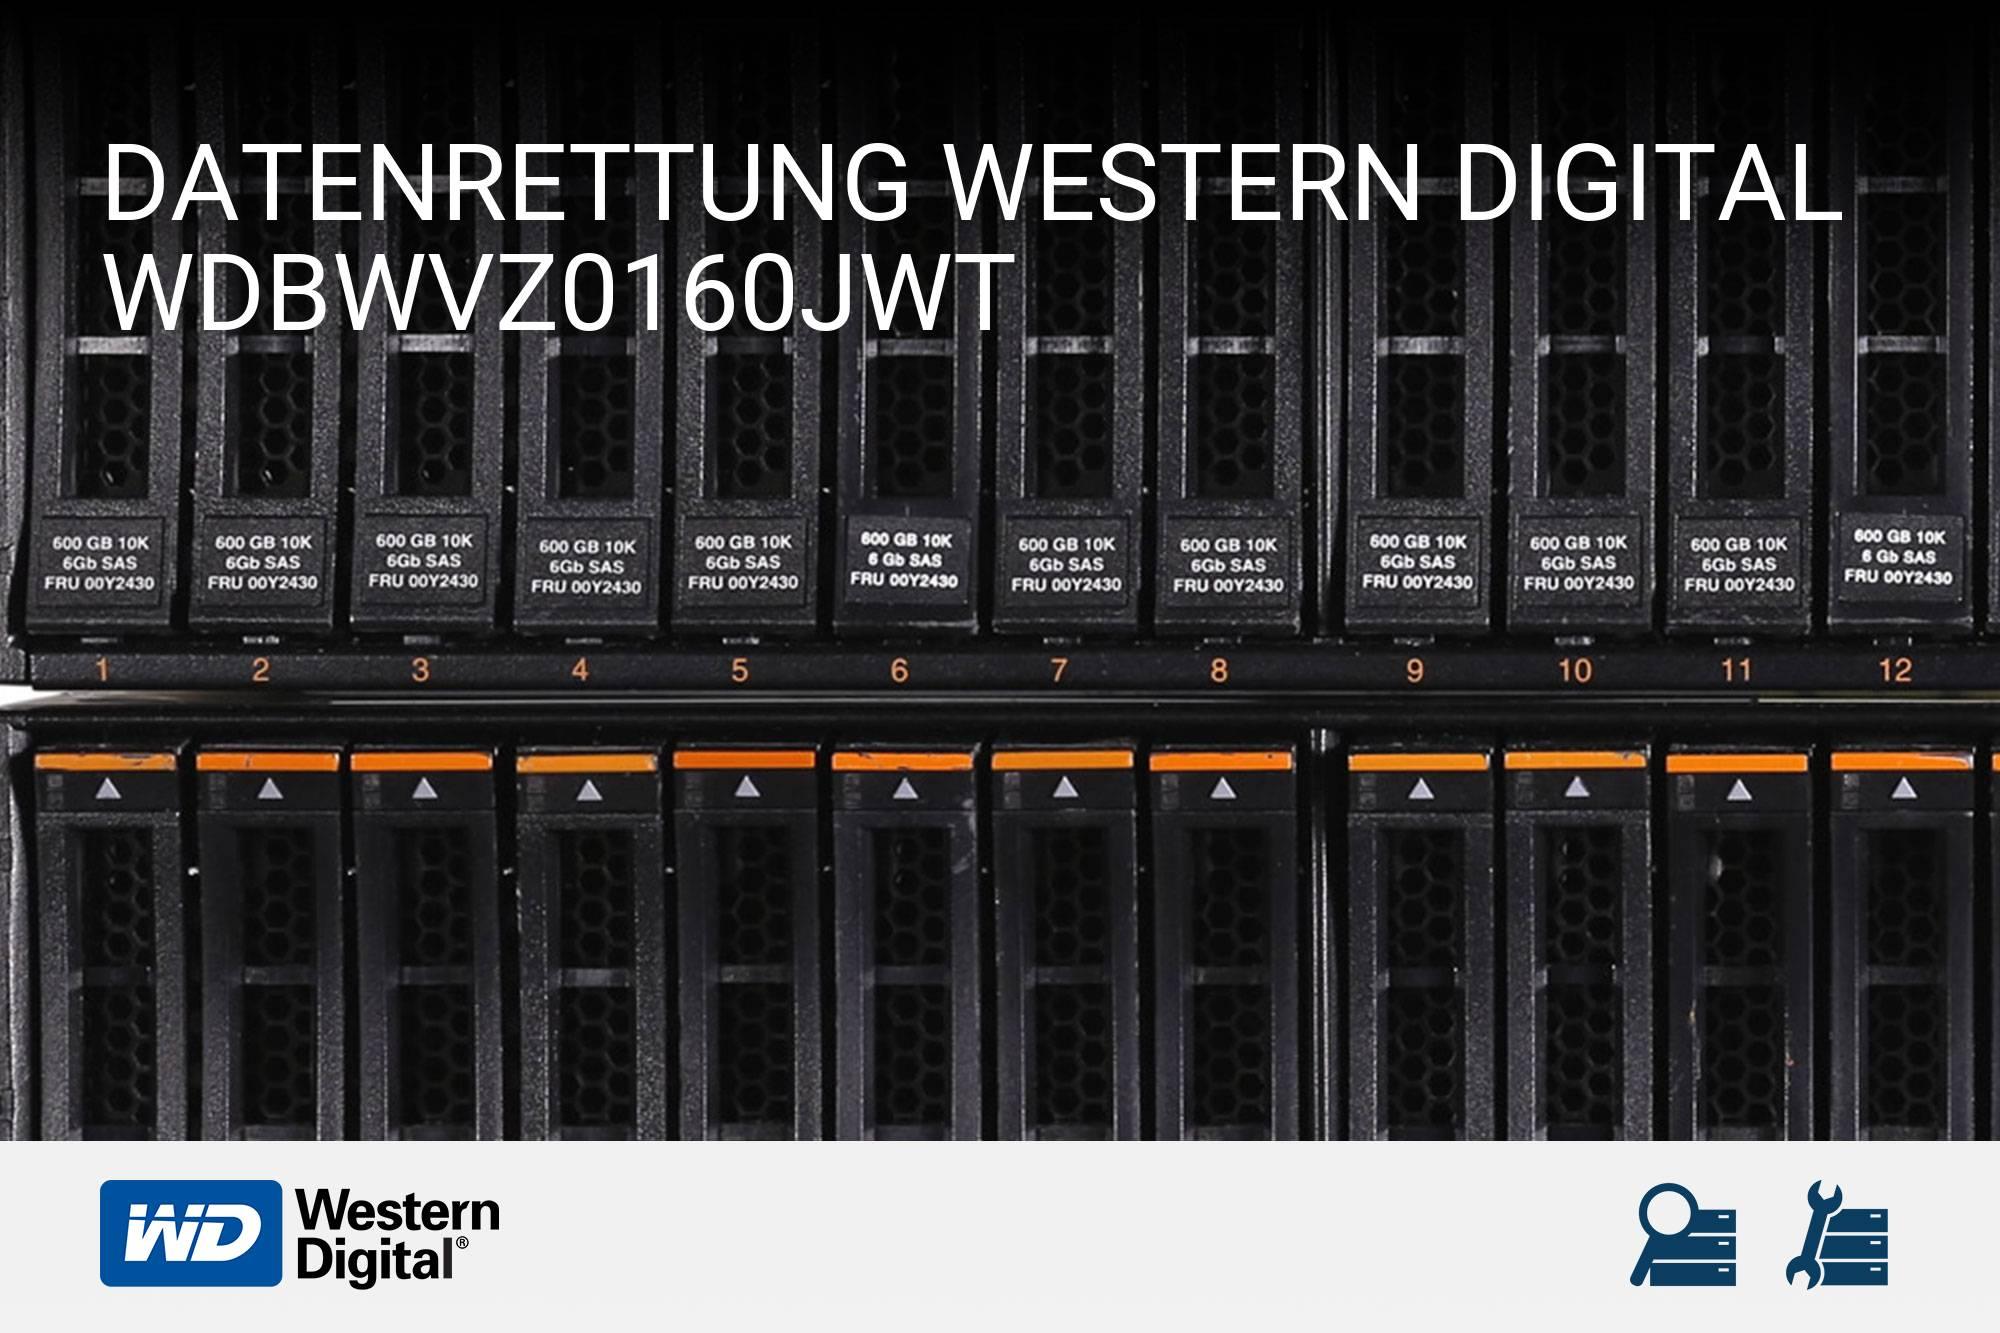 Western Digital WDBWVZ0160JWT